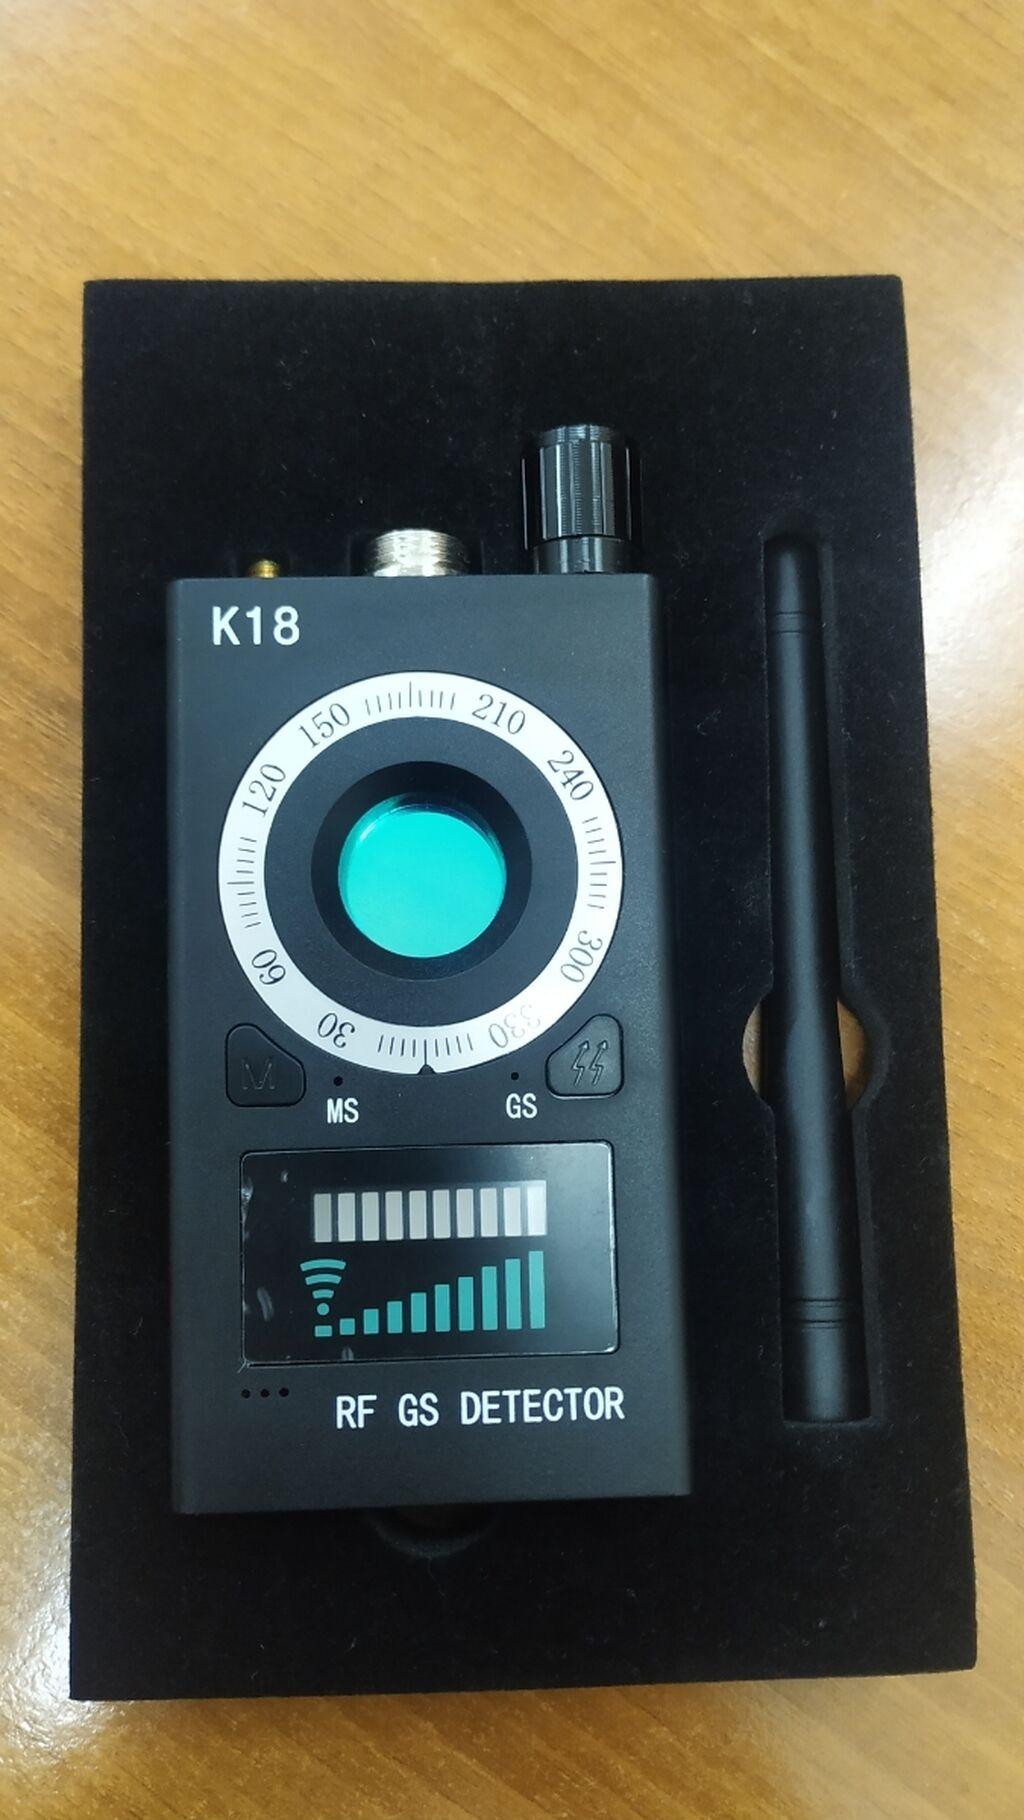 Продам сканер жучков, трекера K 18: Продам сканер жучков, трекера K 18